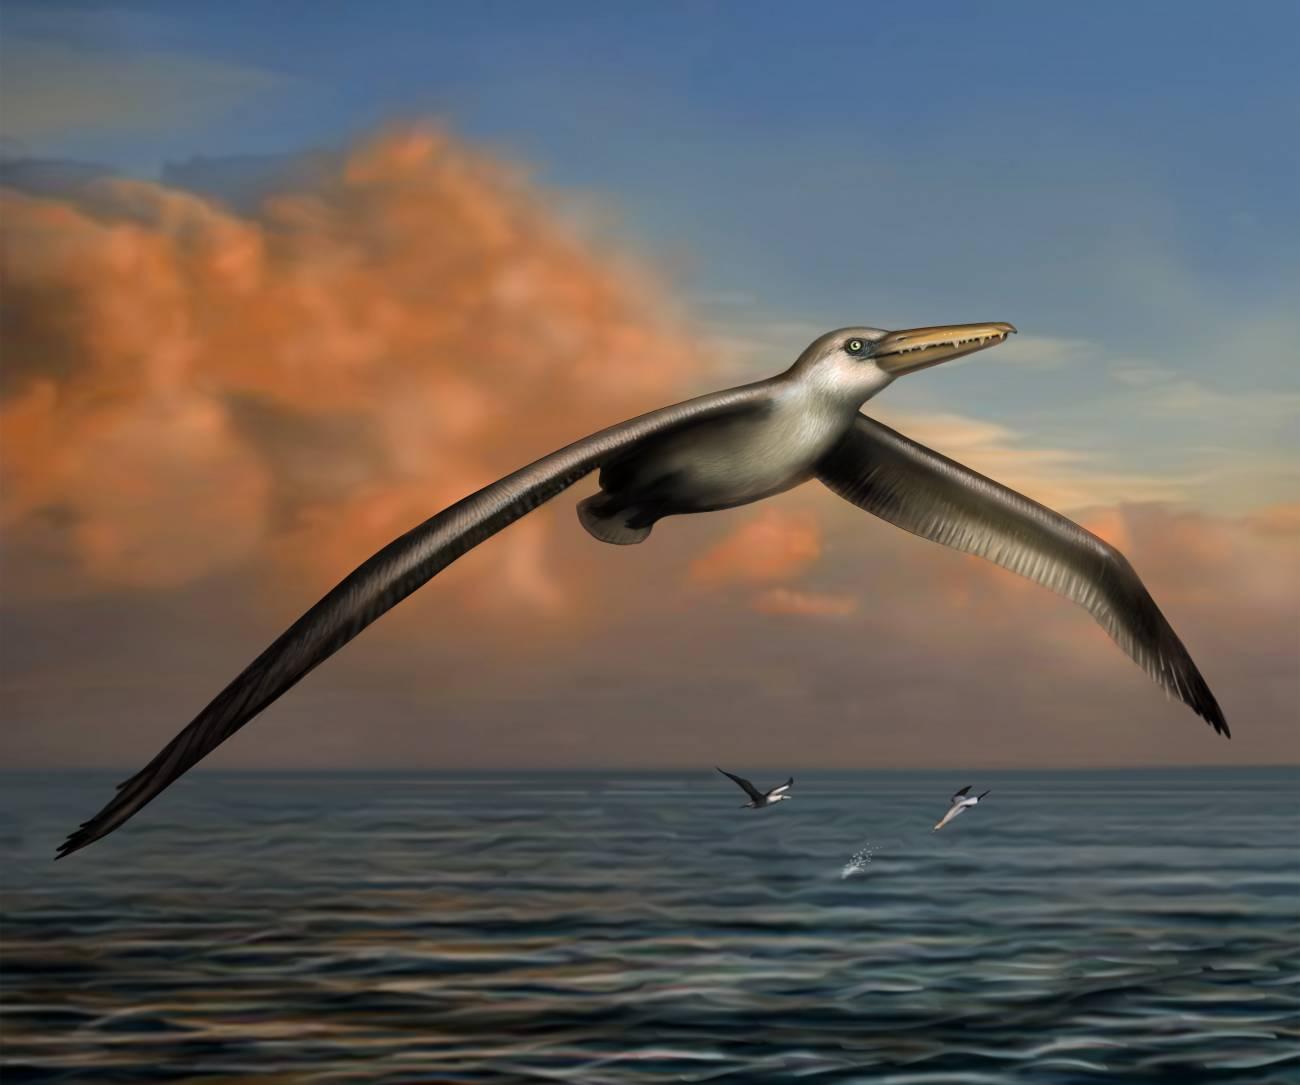 Dibujo de Pelagornis sandersi, el ave voladora más grande hasta la fecha. /Liz Bradford